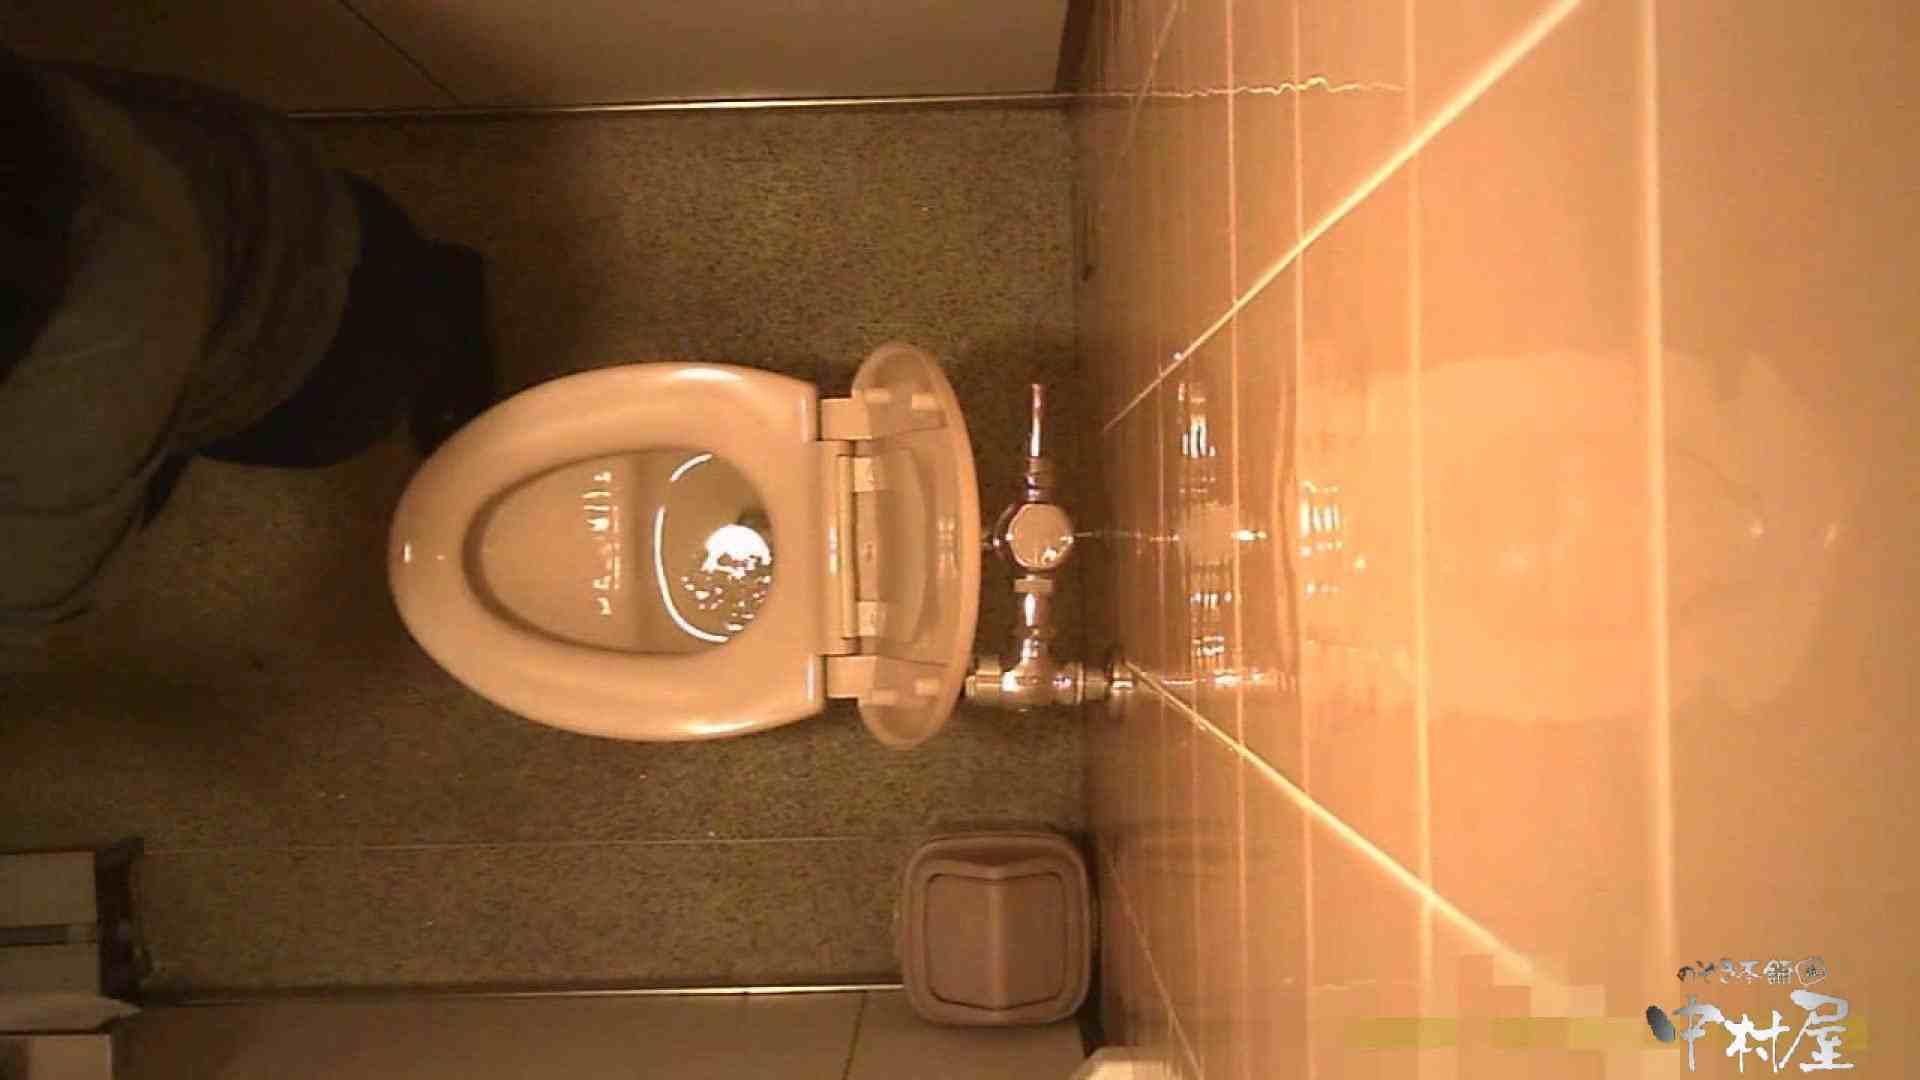 初盗撮!女盗撮師カレンさんの 潜入!女子トイレ盗撮!Vol.5 トイレ 盗み撮り動画キャプチャ 79枚 76